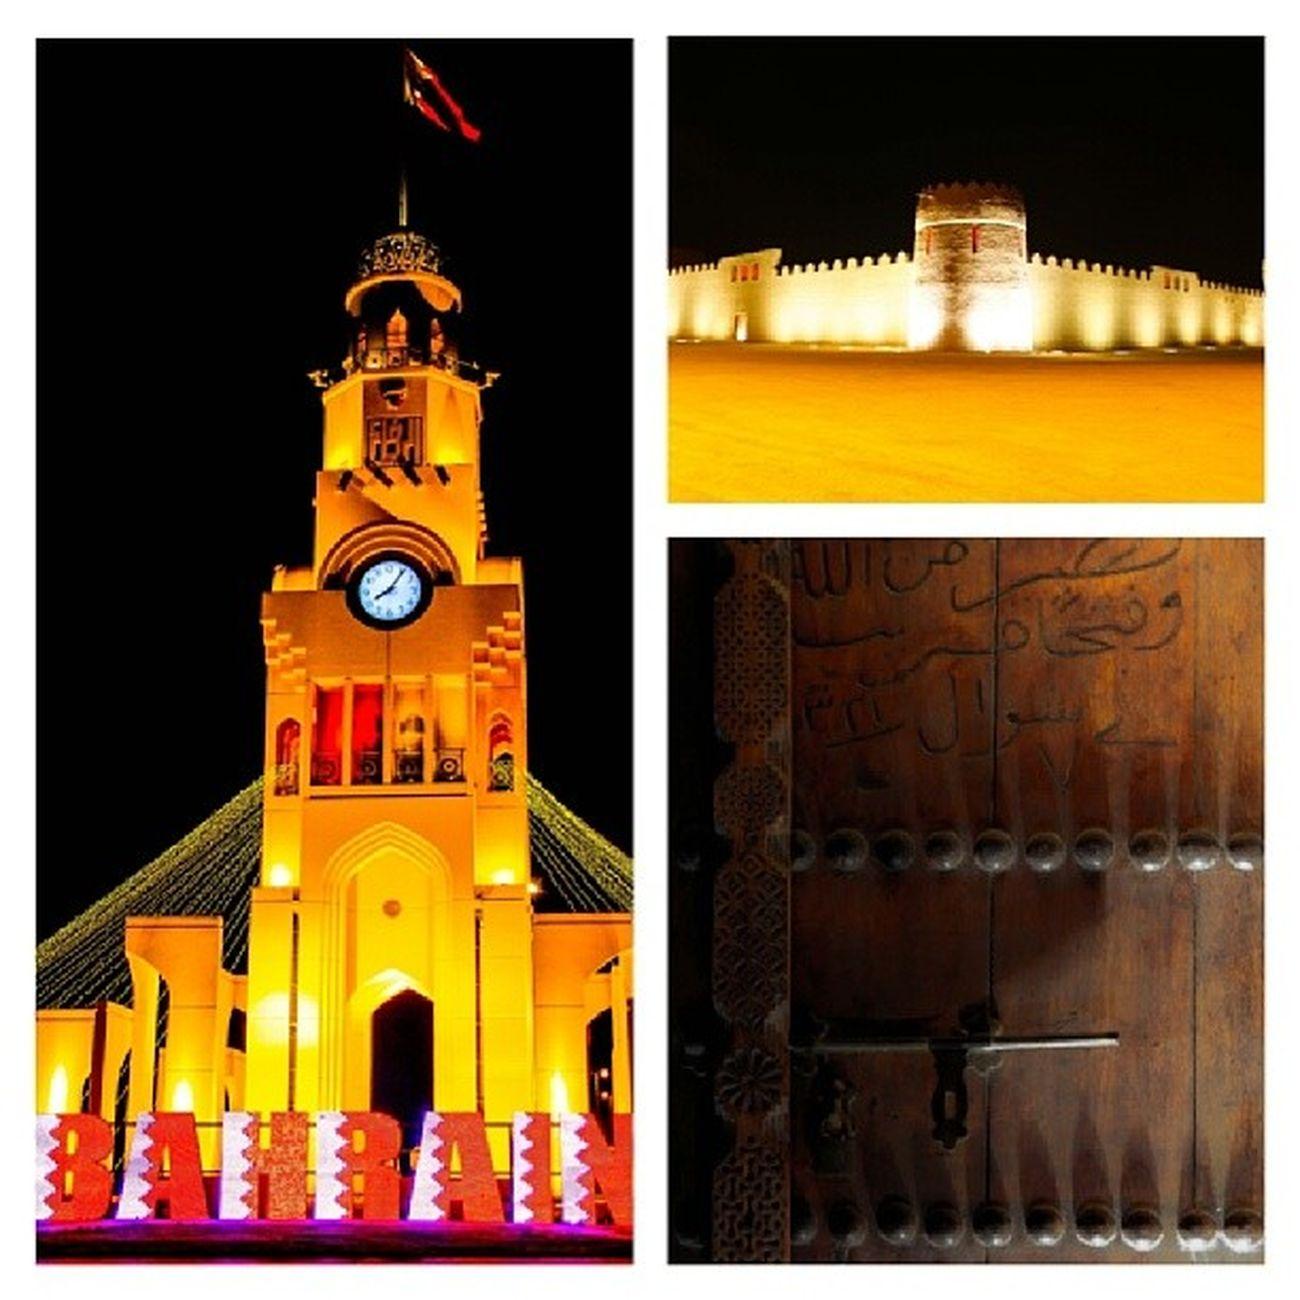 من جولة تصوير مساء امس في الرفاع مع أخوي بوصالح @althawadi80 Bahrain Riffa National_day_light Instapic Instamood Instagod Insta